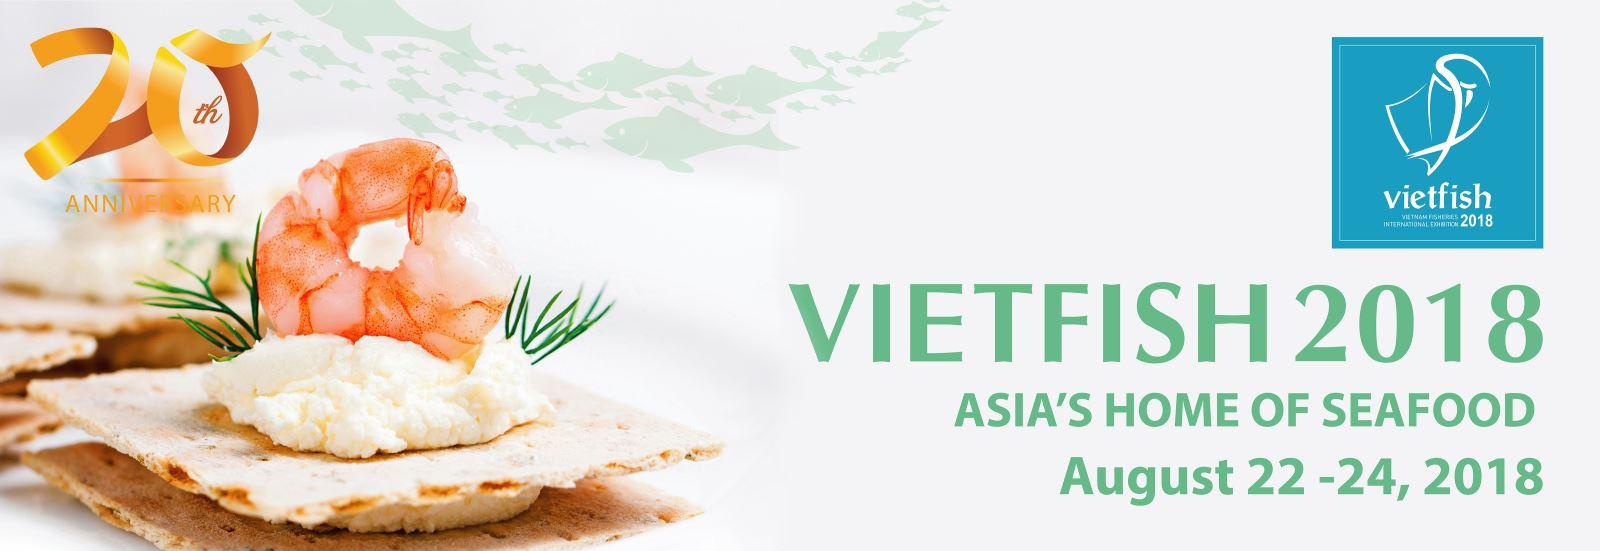 Ngày 22-24/08/2018 vừa qua, Công ty Tiến Minh hân hạnh được tham gia Vietfish 2018 - Asia's Home of Seafood - hội chợ chuyên ngành thủy sản lớn nhất Việt Nam, tổ chức hằng năm bởi Hiệp hội chế biến và xuất khẩu thủy sản VASEP.